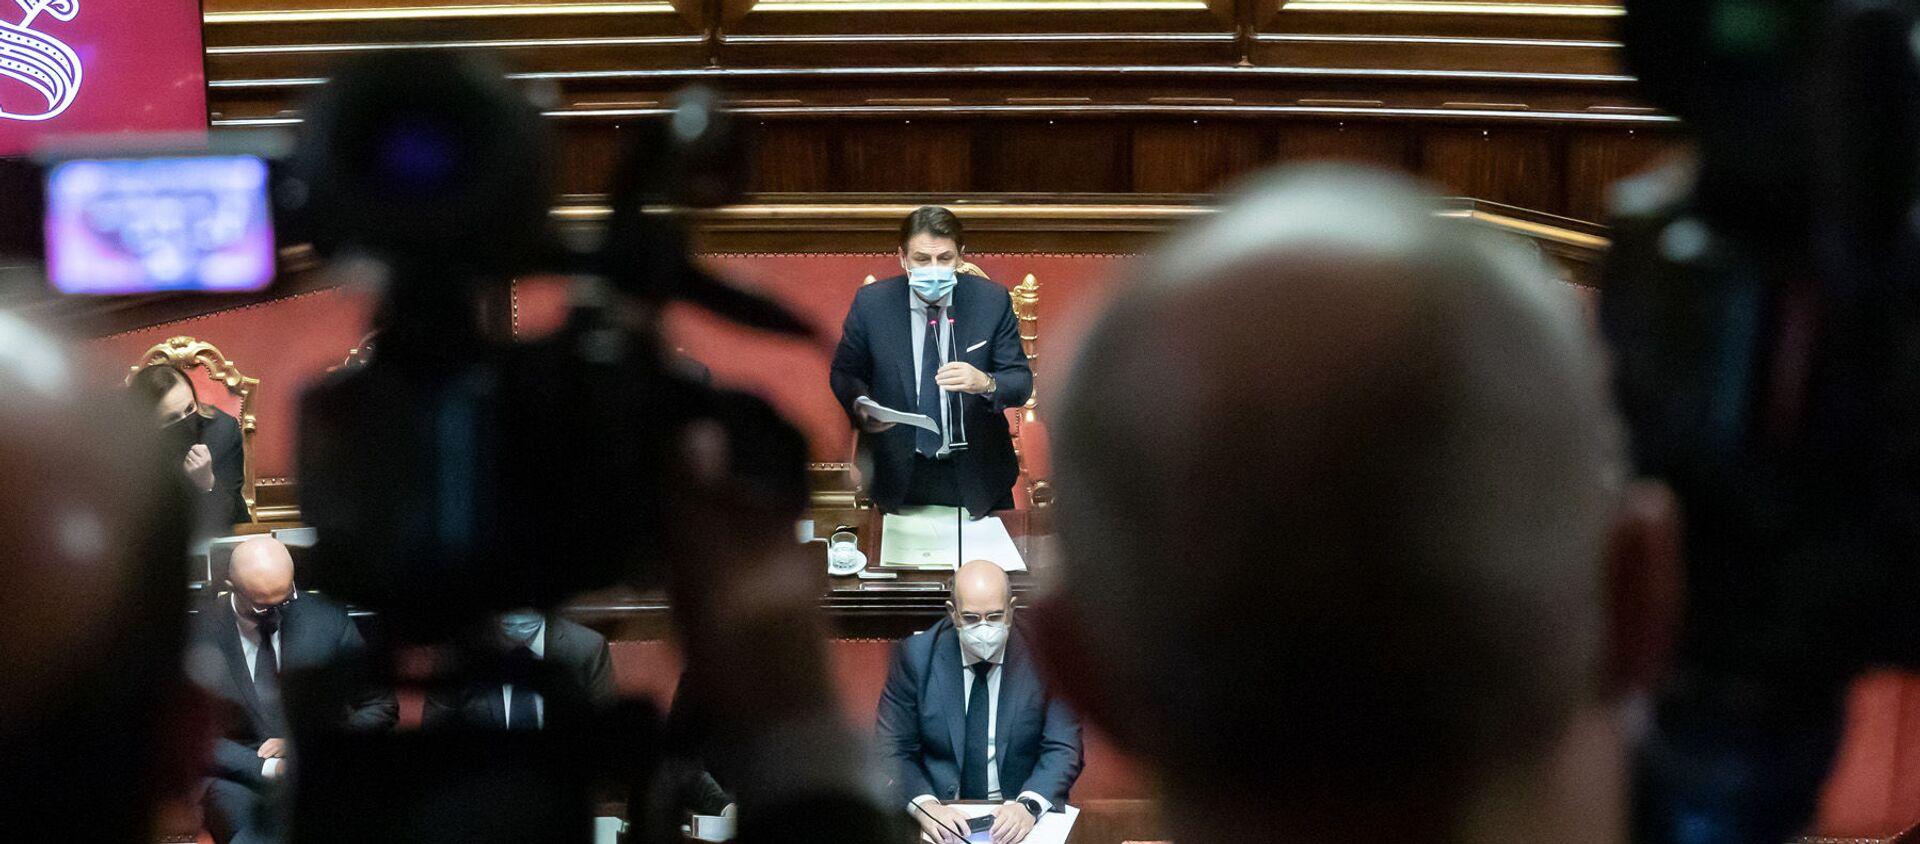 Il premier Conte nell'aula del Senato  - Sputnik Italia, 1920, 30.01.2021